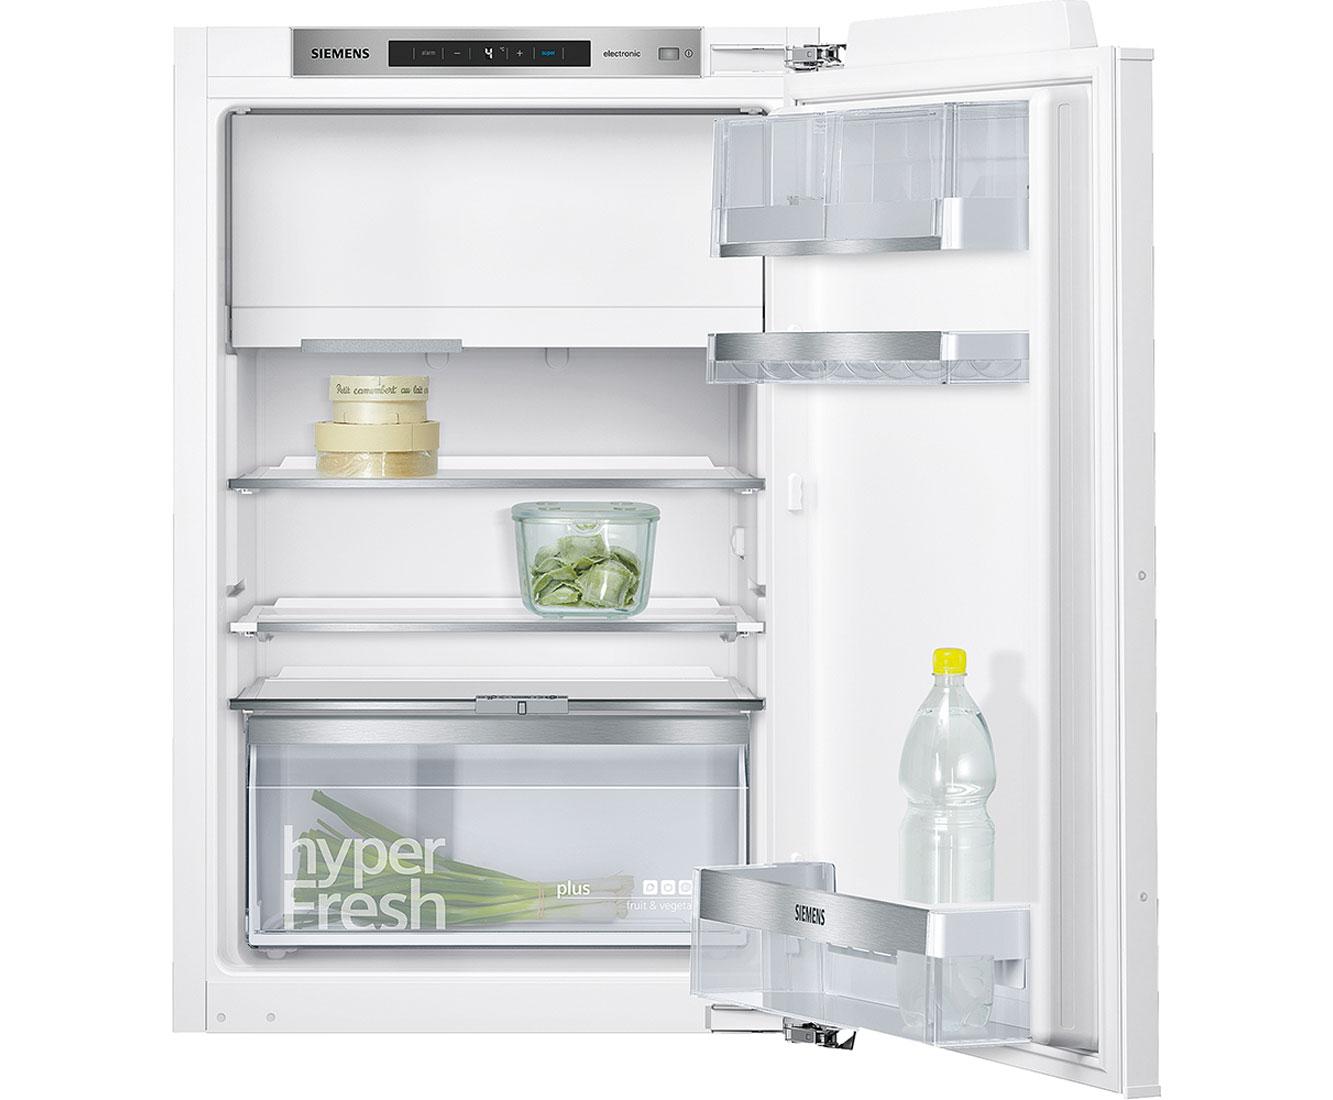 Siemens Kühlschrank Vollintegrierbar : Einbaukühlschränke gefrierfach preisvergleich u2022 die besten angebote